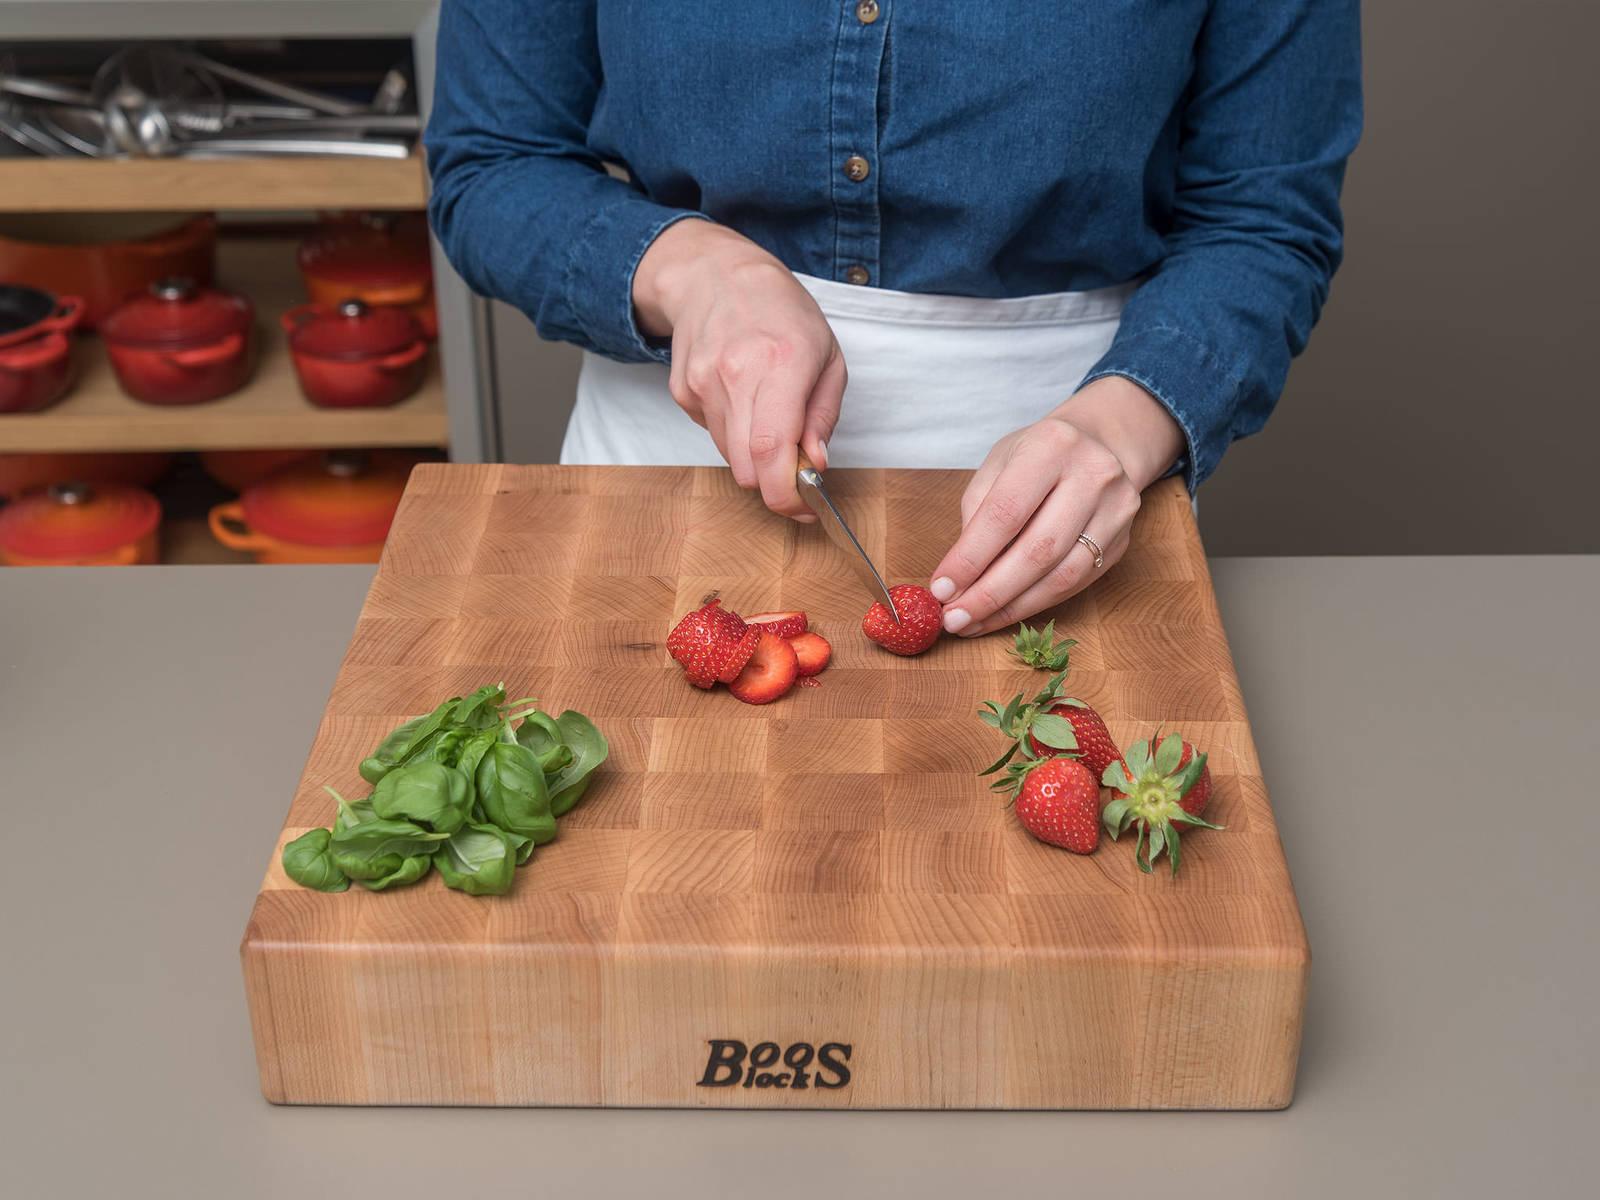 将烤箱预热至190℃。草莓去头后切成圆片。将罗勒叶细细切成长丝。